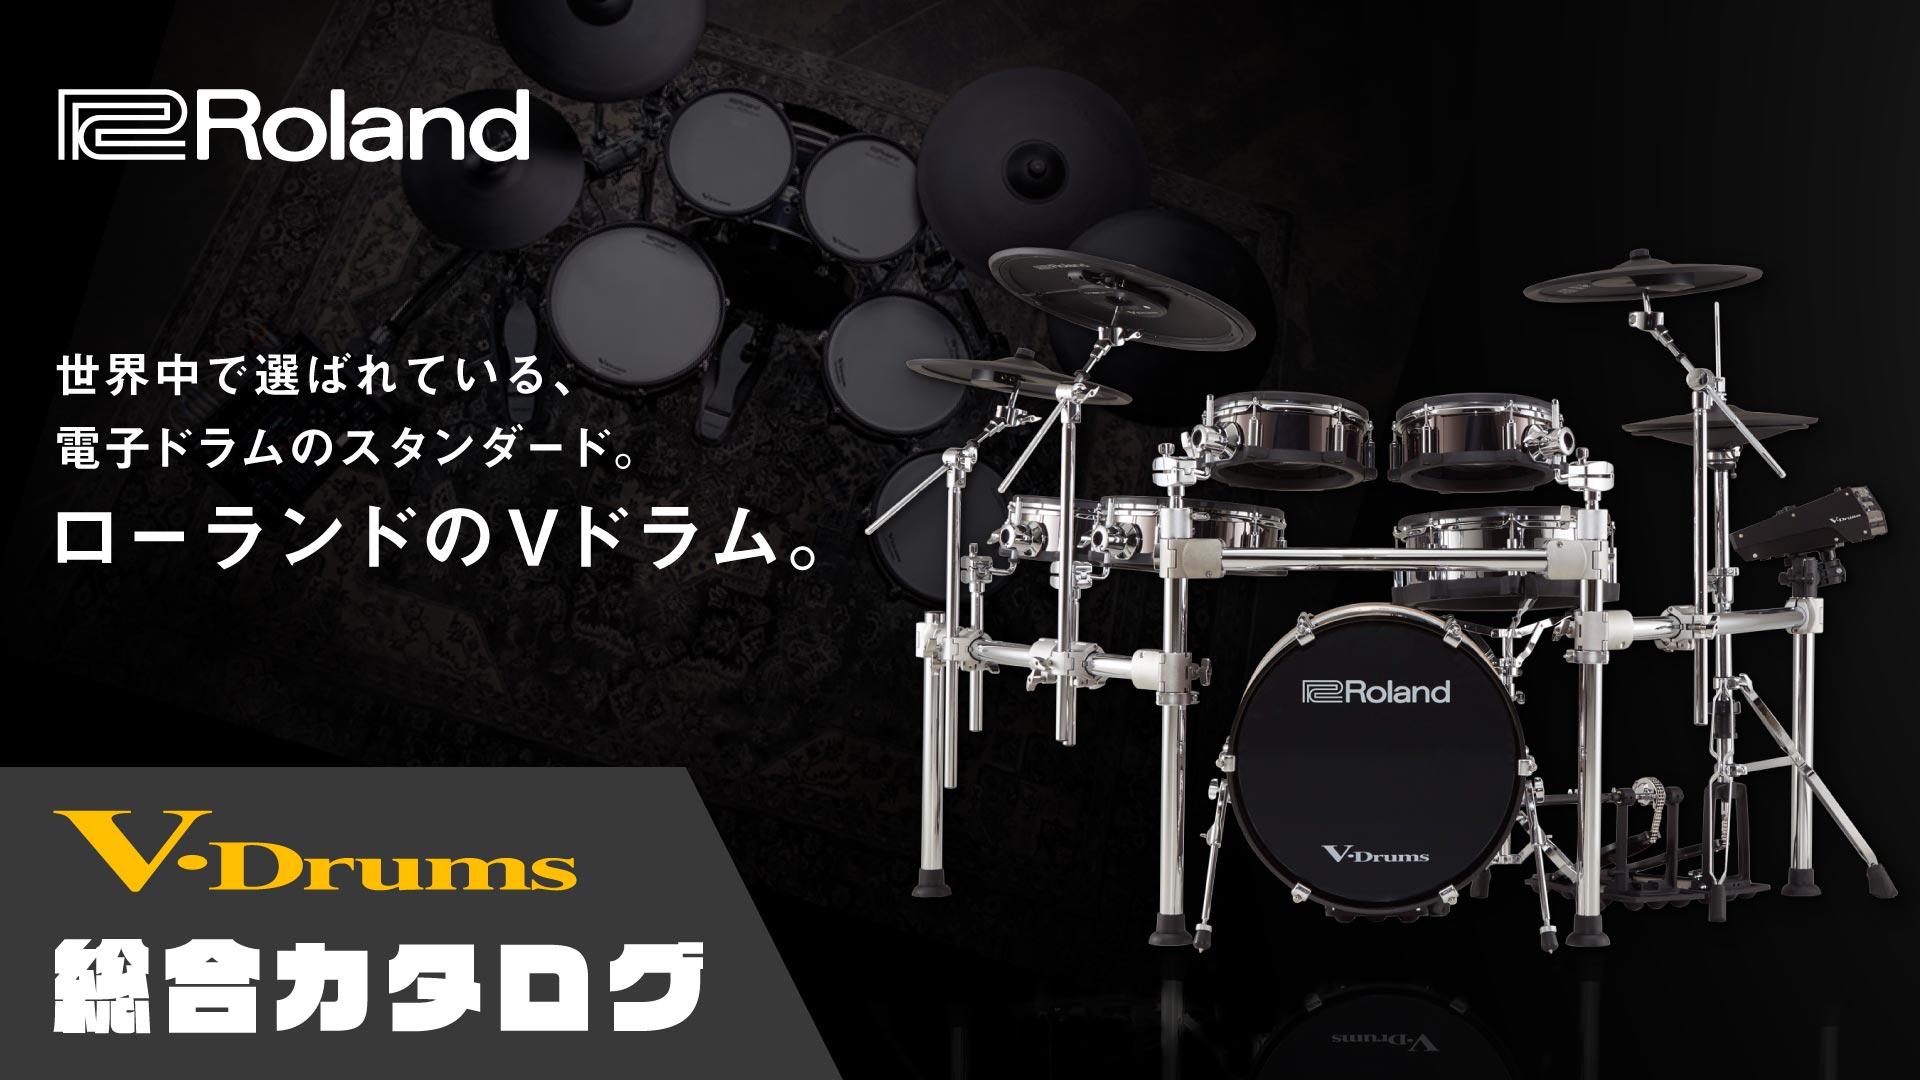 イケベ楽器店【Roland V-Drums】総合カタログ